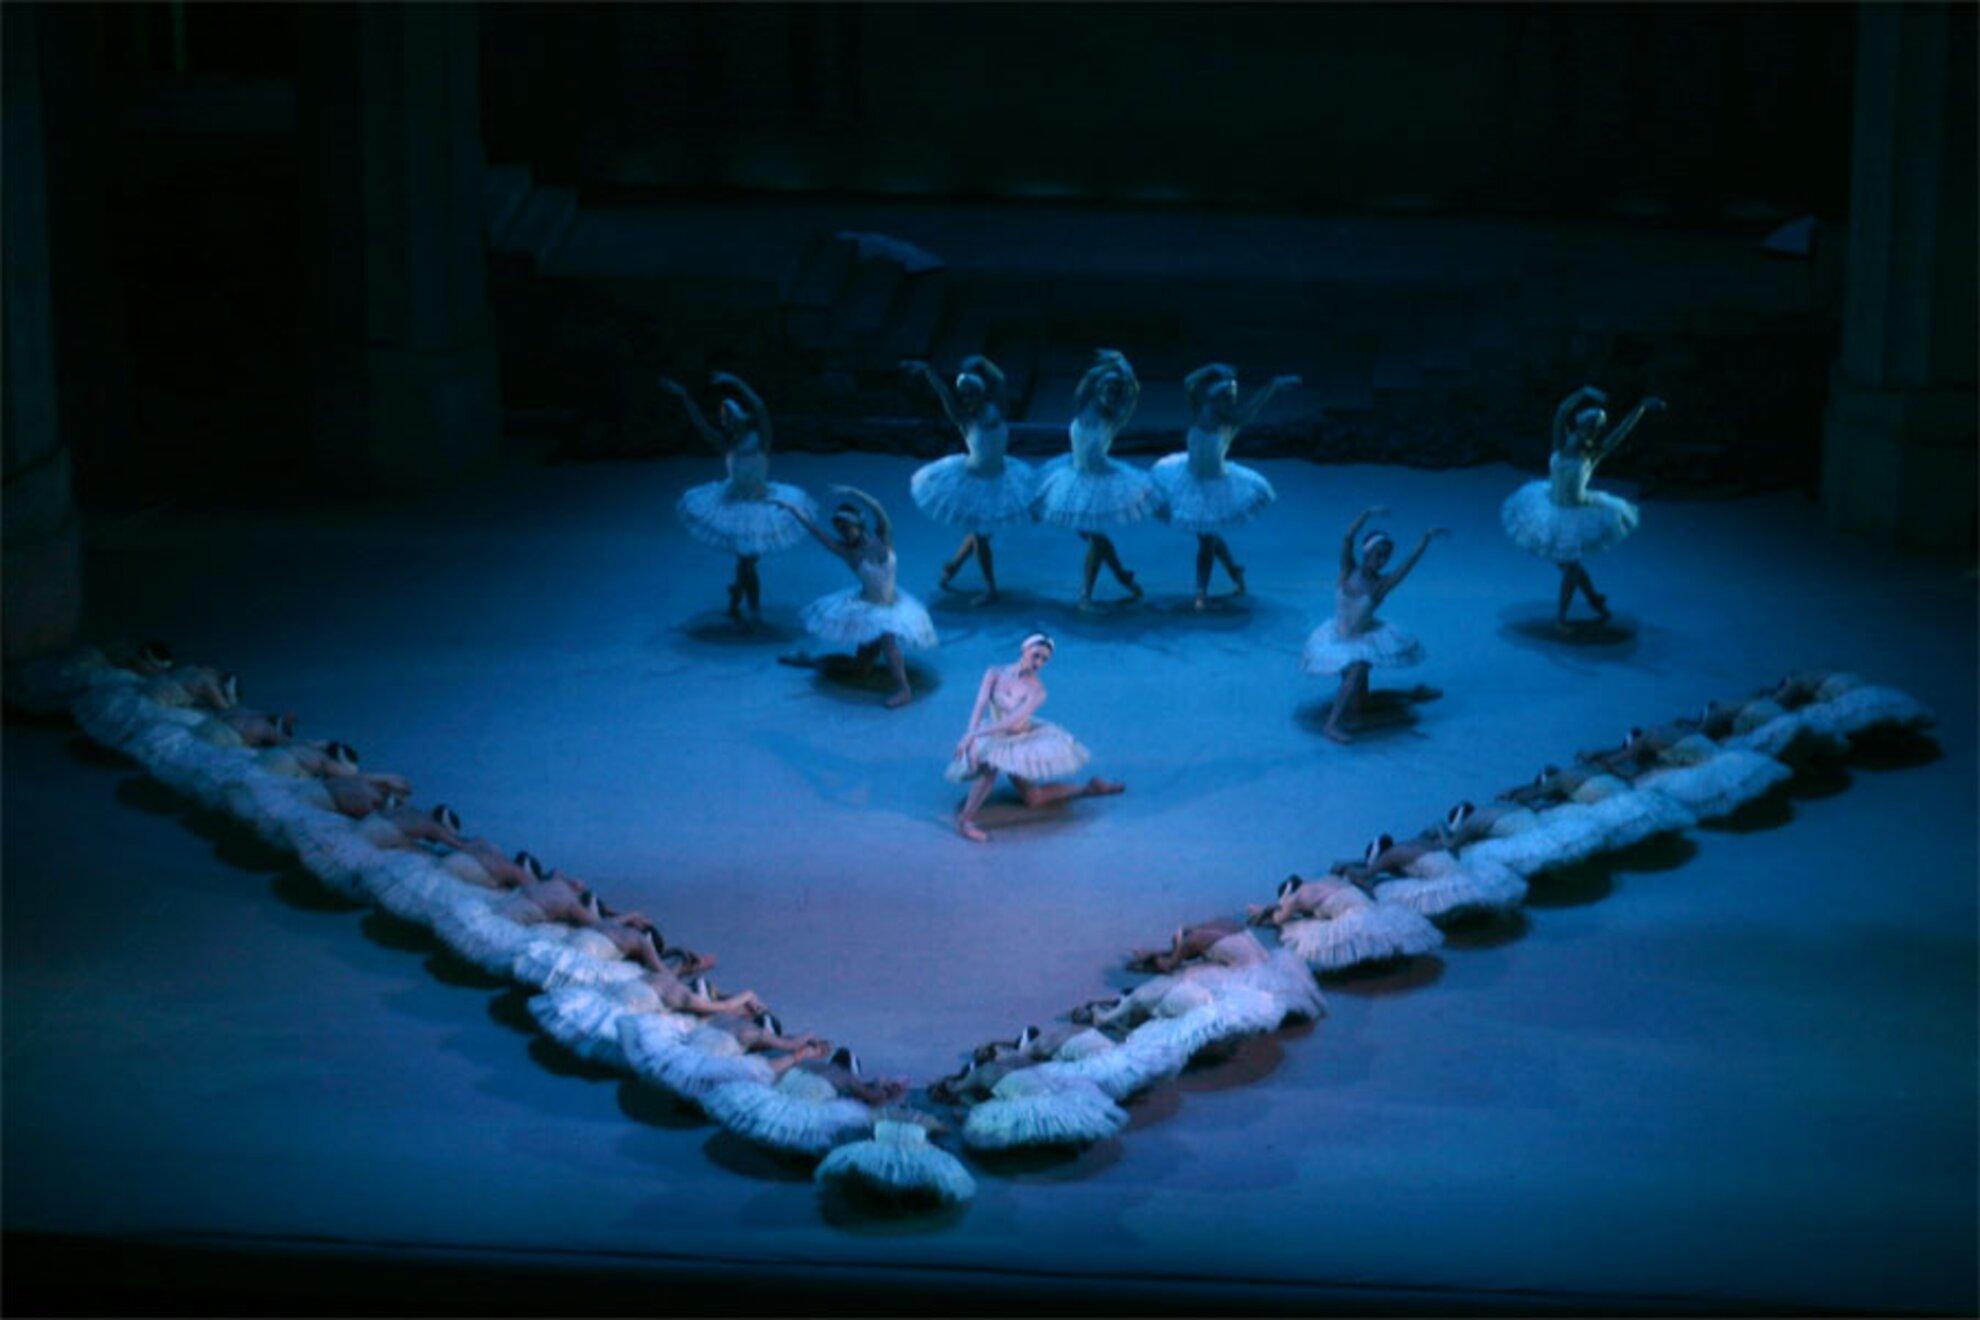 A világ legtöbbet játszott balettműve, amit 125 éve ugyanazzal a koreográfiával adnak elő: A hattyúk tava